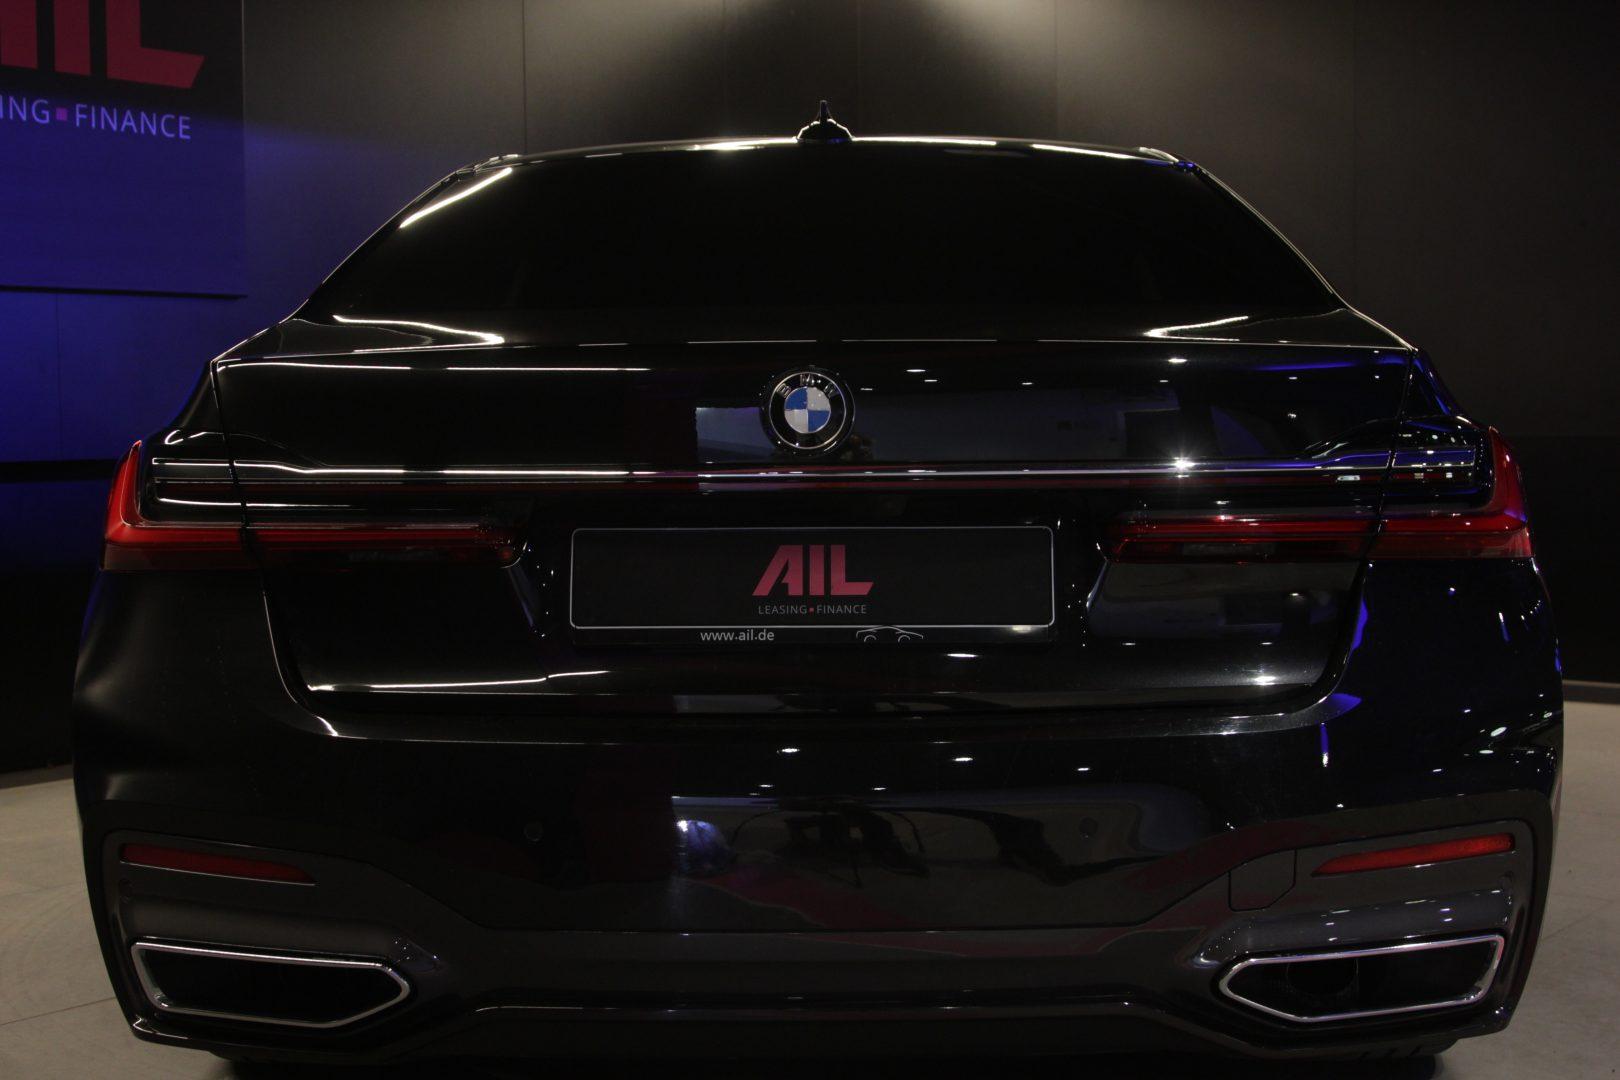 AIL BMW 730Ld xDrive M Paket Laser  15